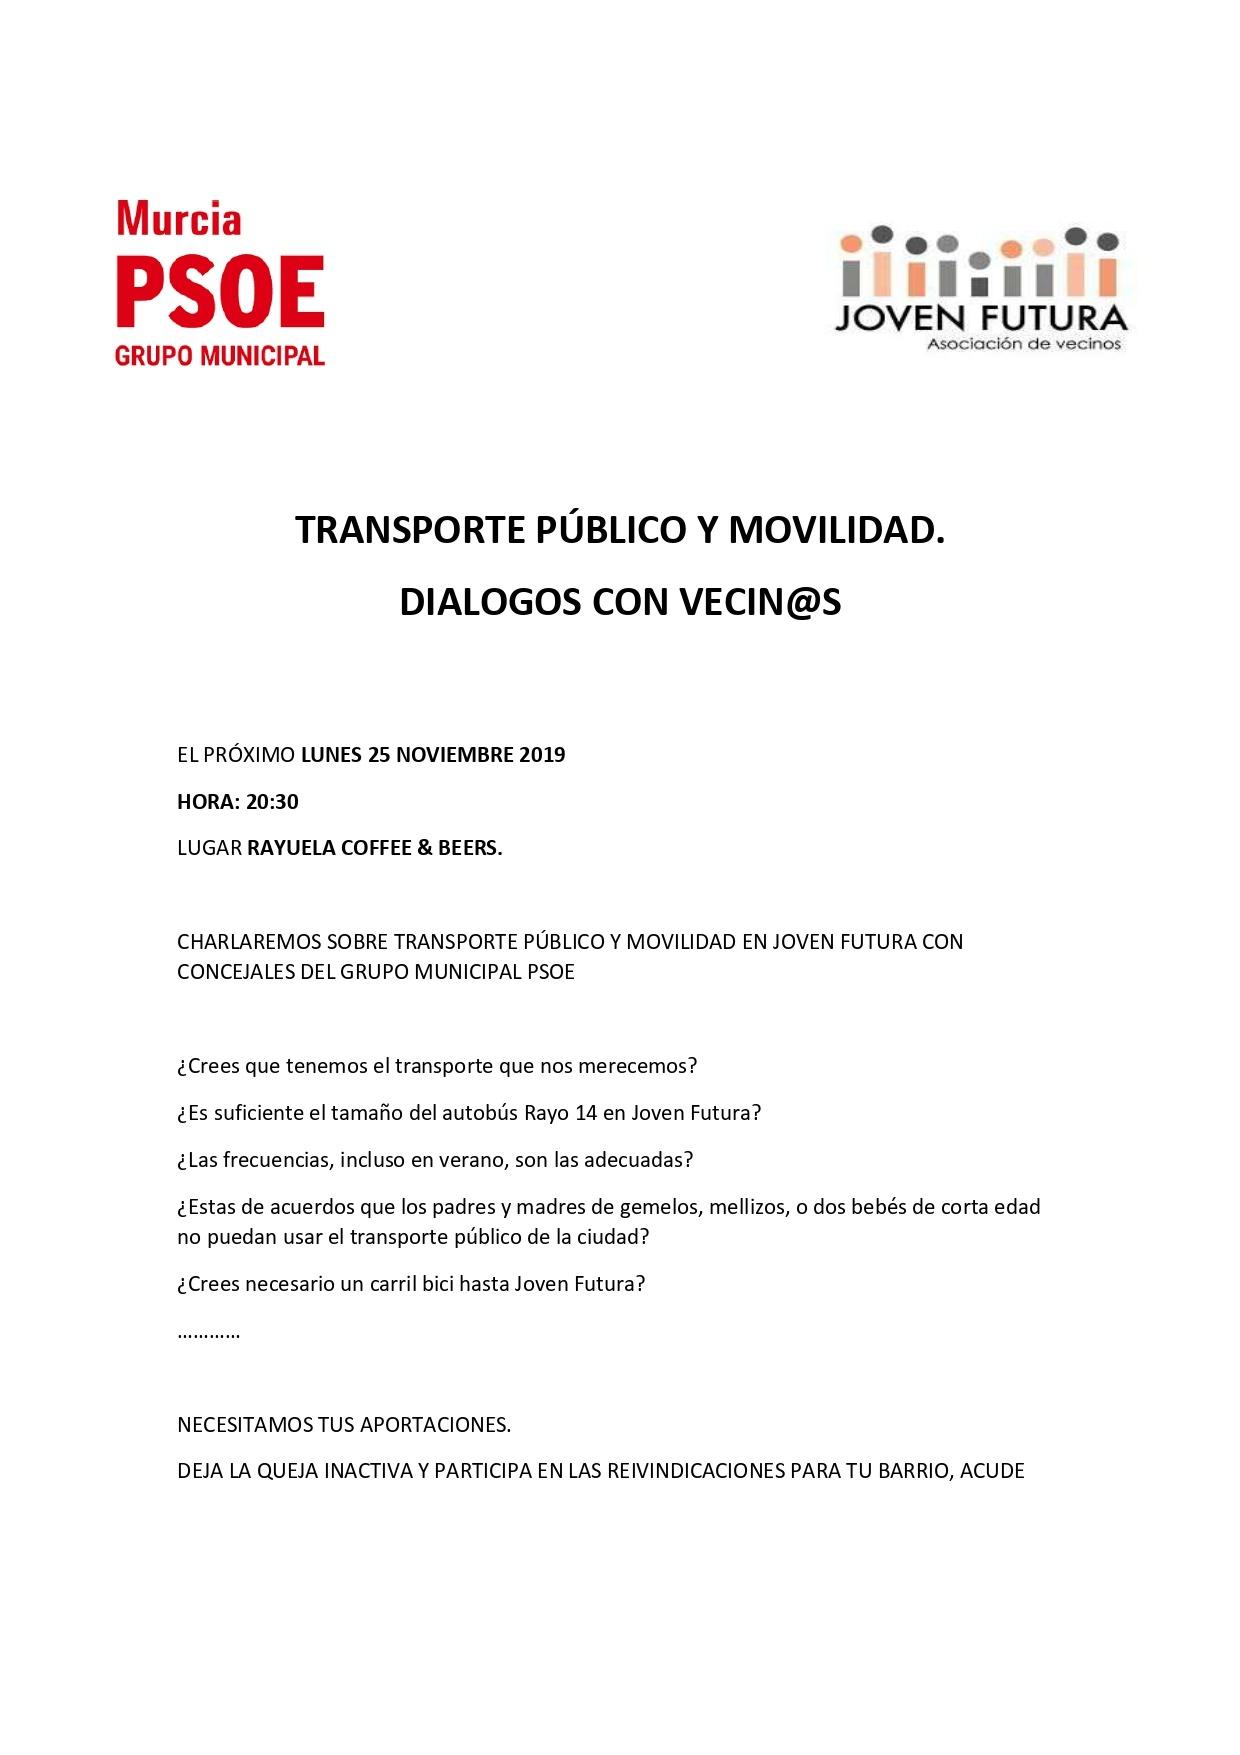 TRANSPORTE PÚBLICO Y MOVILIDAD